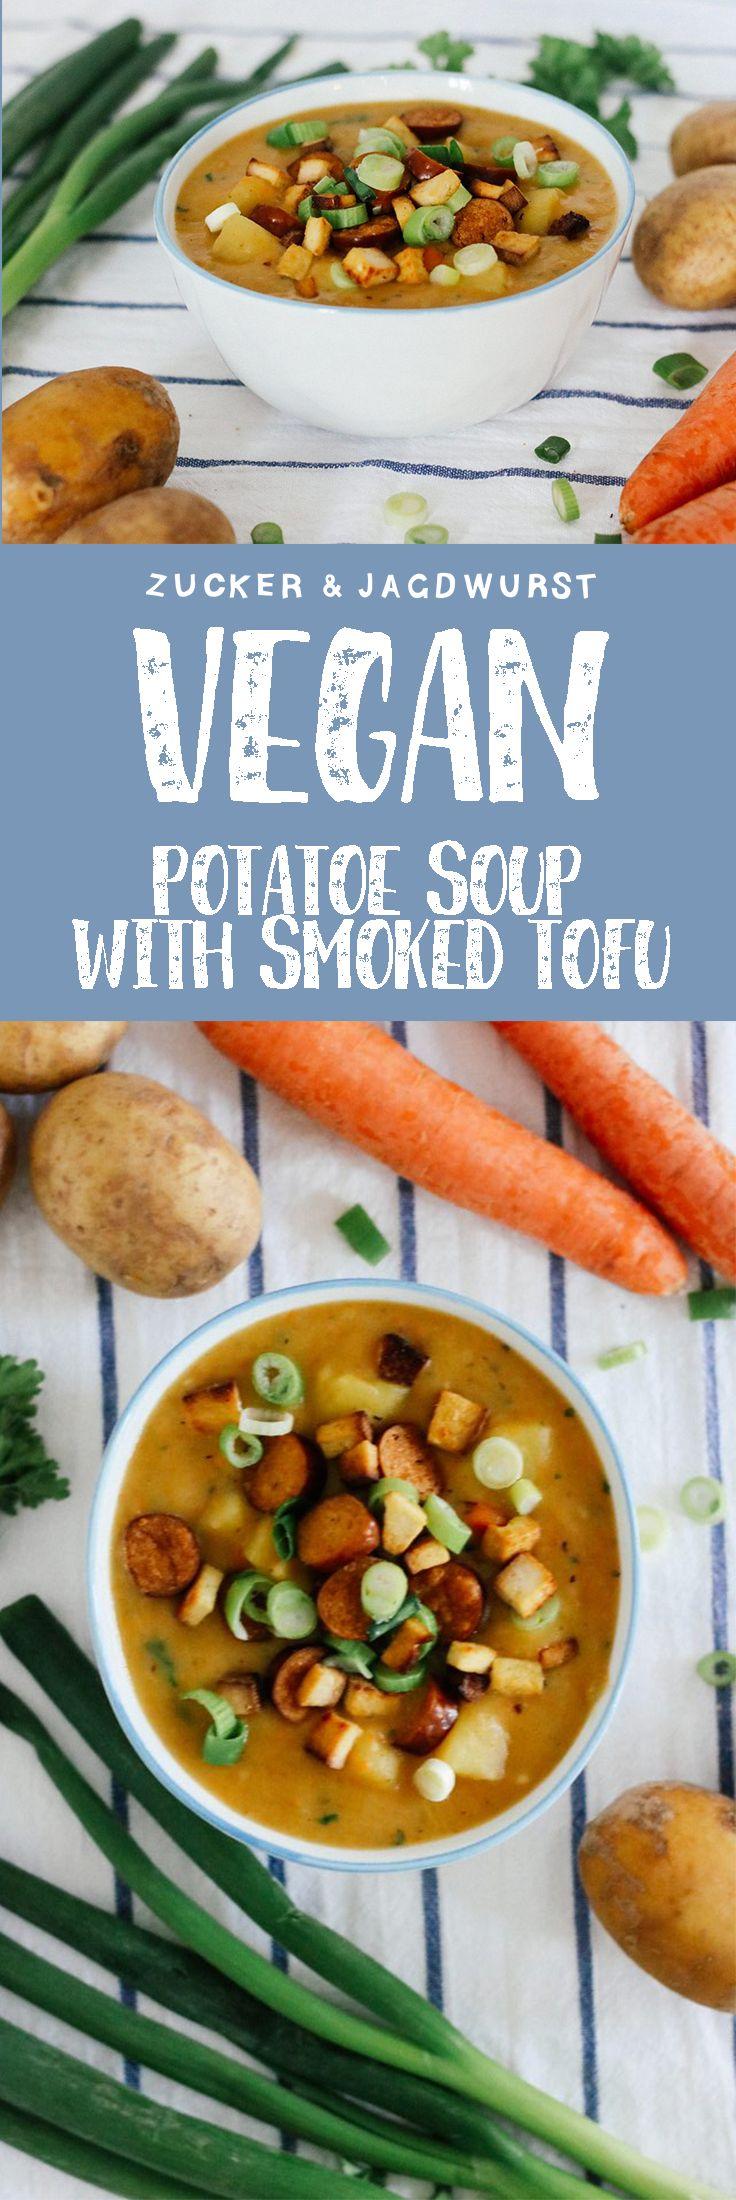 Vegan Potato Soup with smoked tofu and vegan sausages (so german!) (Crockpot Recipes Vegetarian)